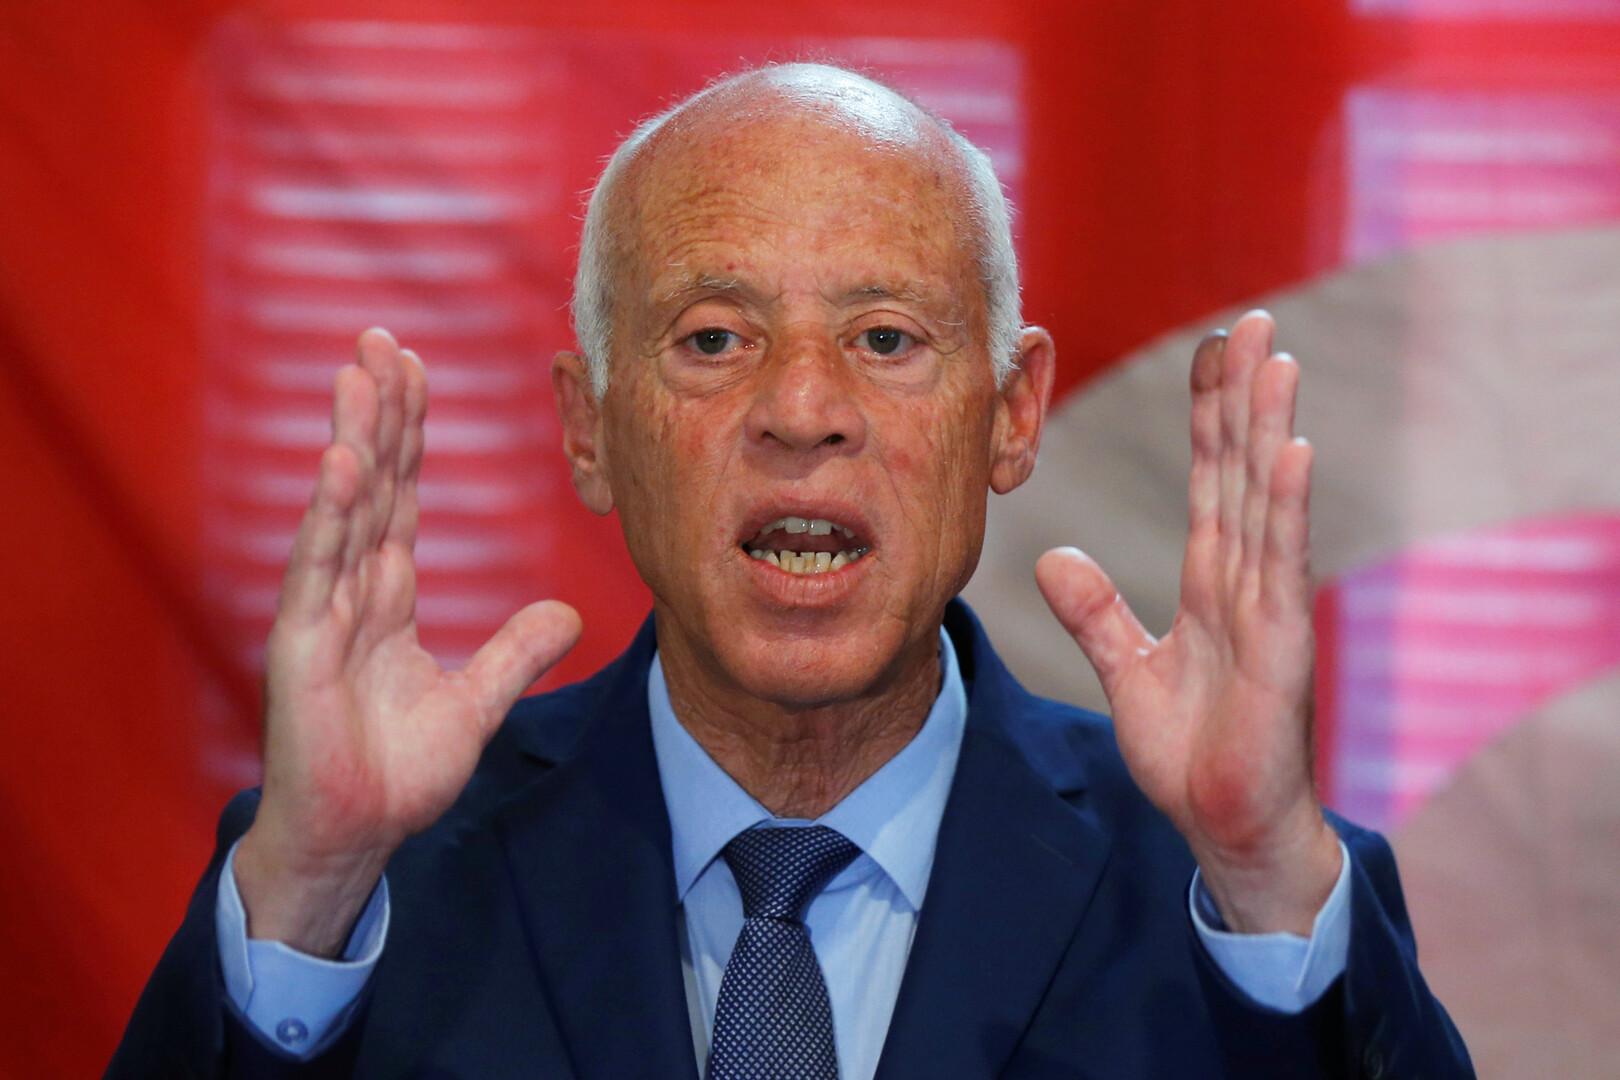 المرشح للانتخابات الرئاسية التونسية قيس سعيد